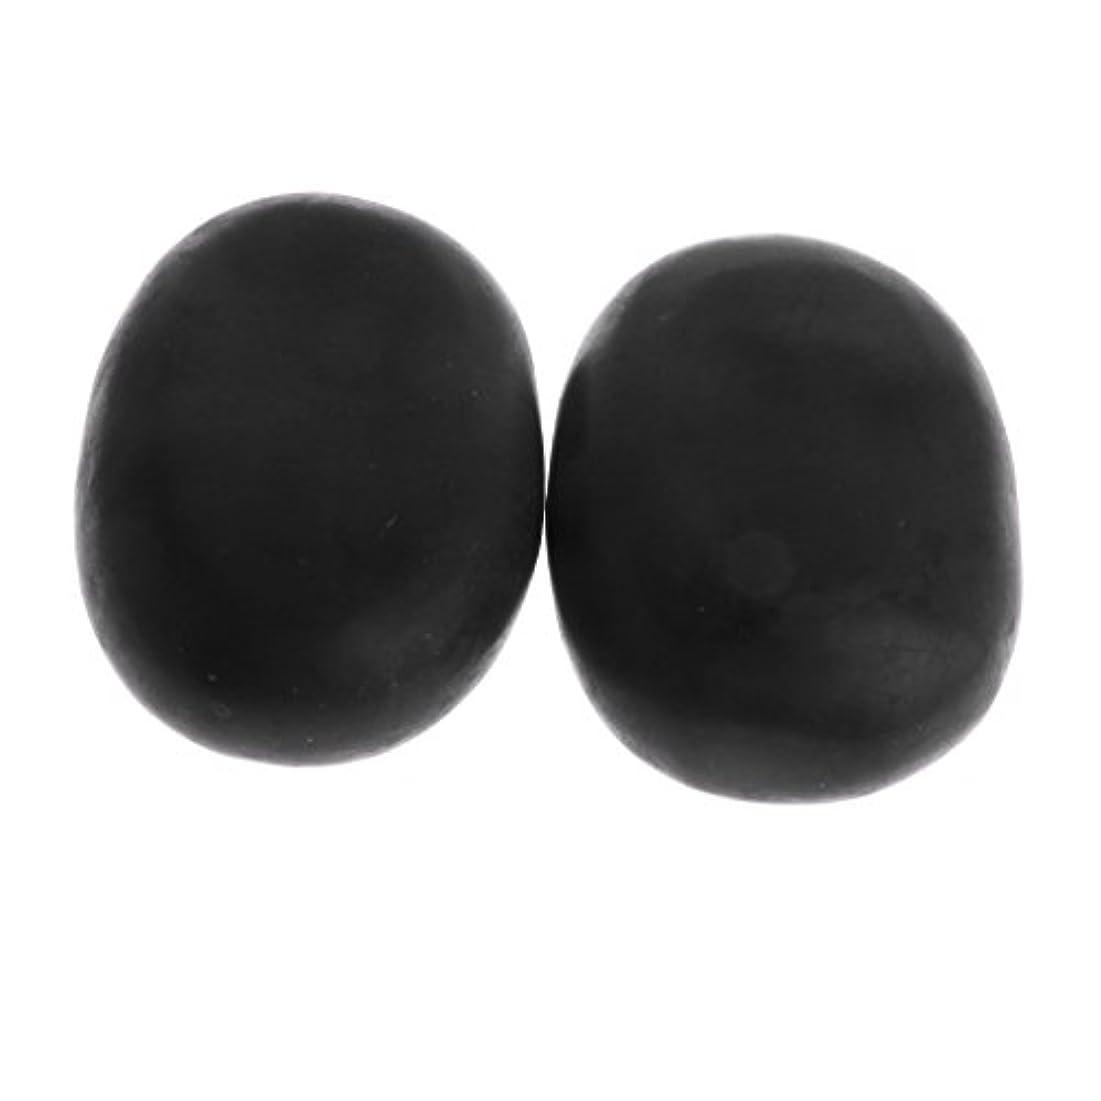 タヒチ常習者ジュニアKesoto マッサージ石 2個 温泉石 玄武岩 火山石 マッサージ 溶岩 自然石